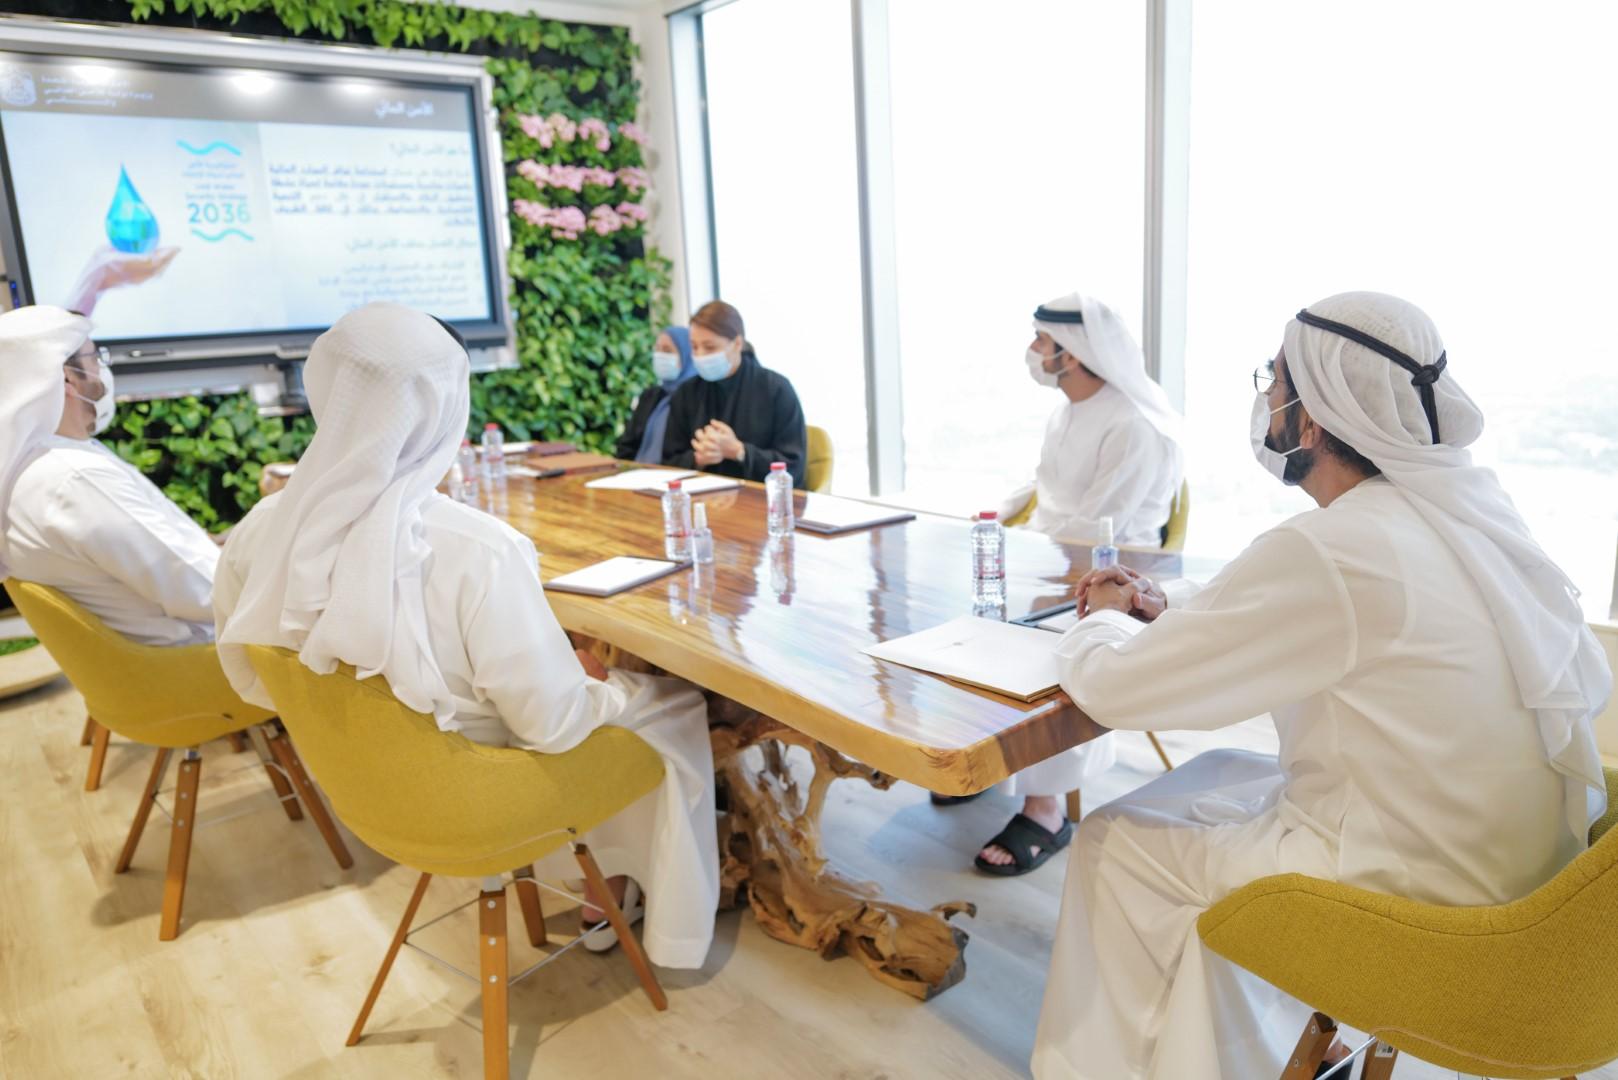 محمد بن راشد يطلع على الخطط وأطر العمل لملف الأمن الغذائي والمائي في الدولة